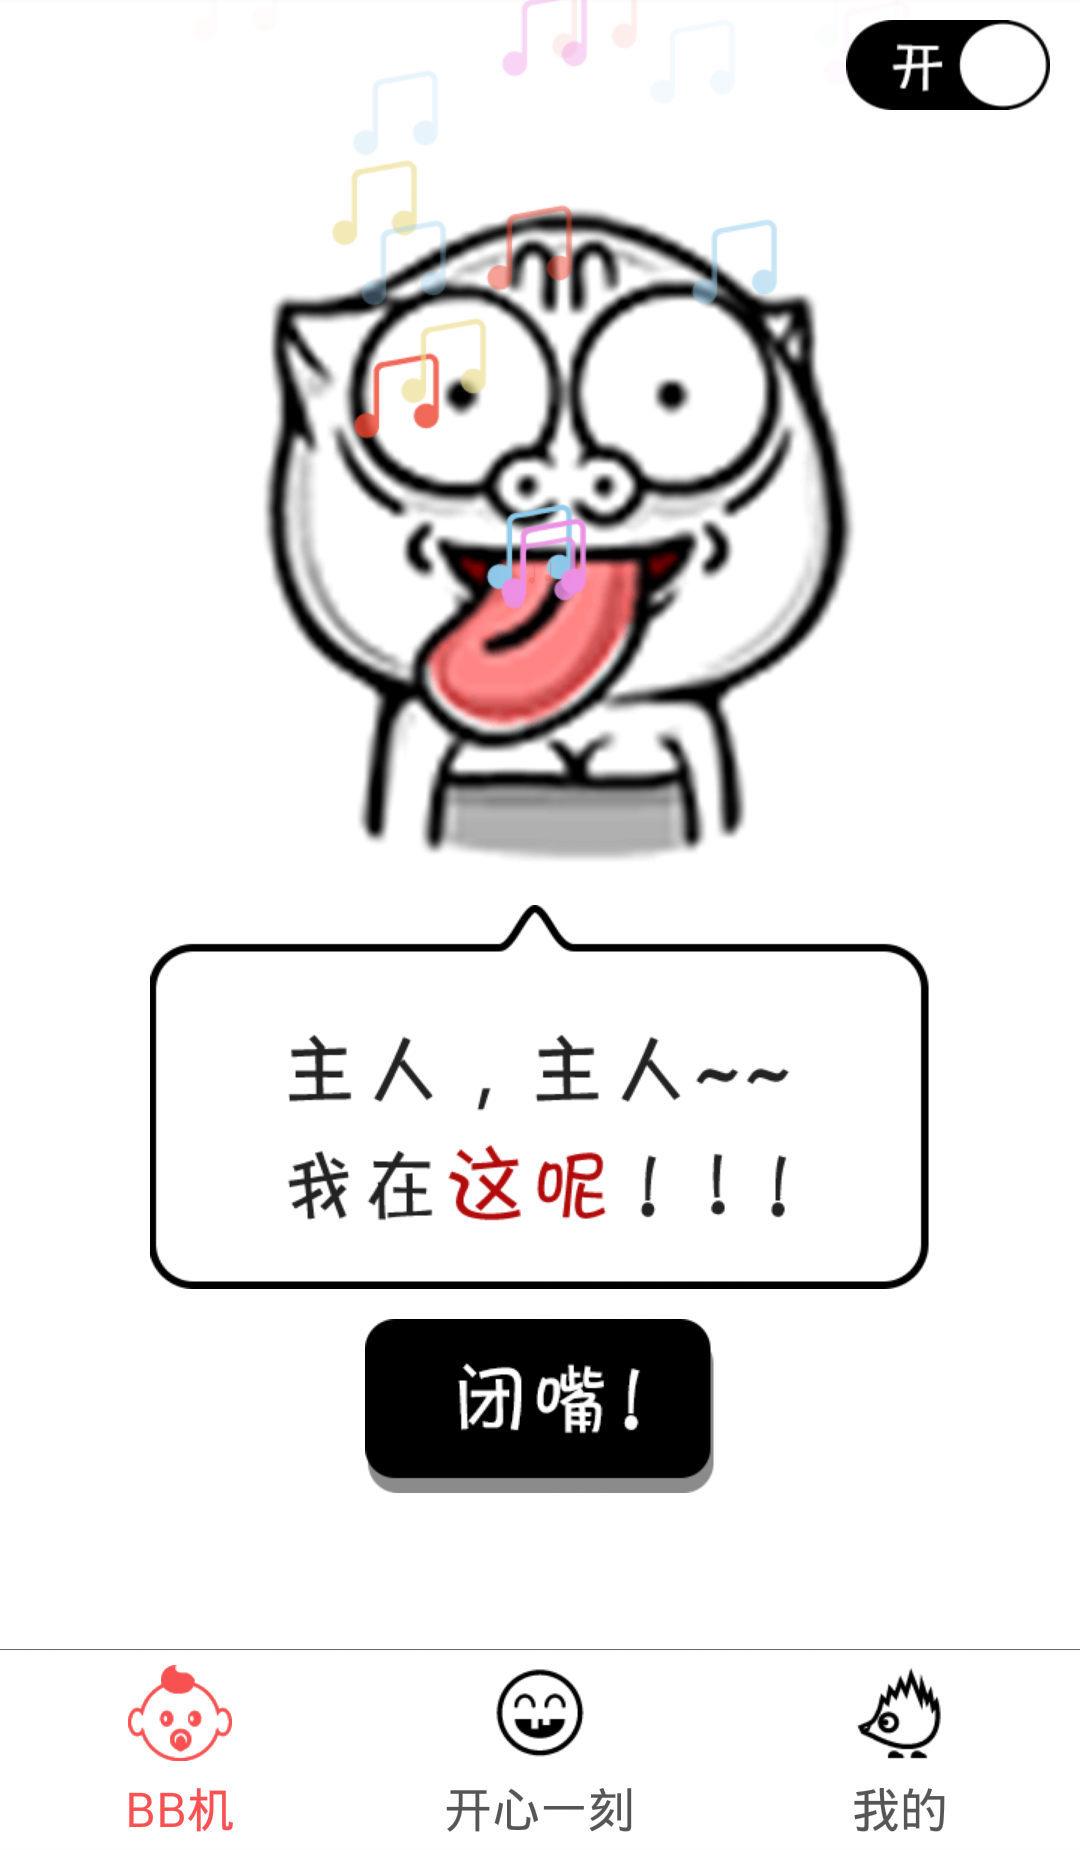 逗逼机官网app下载找手机神器图3: